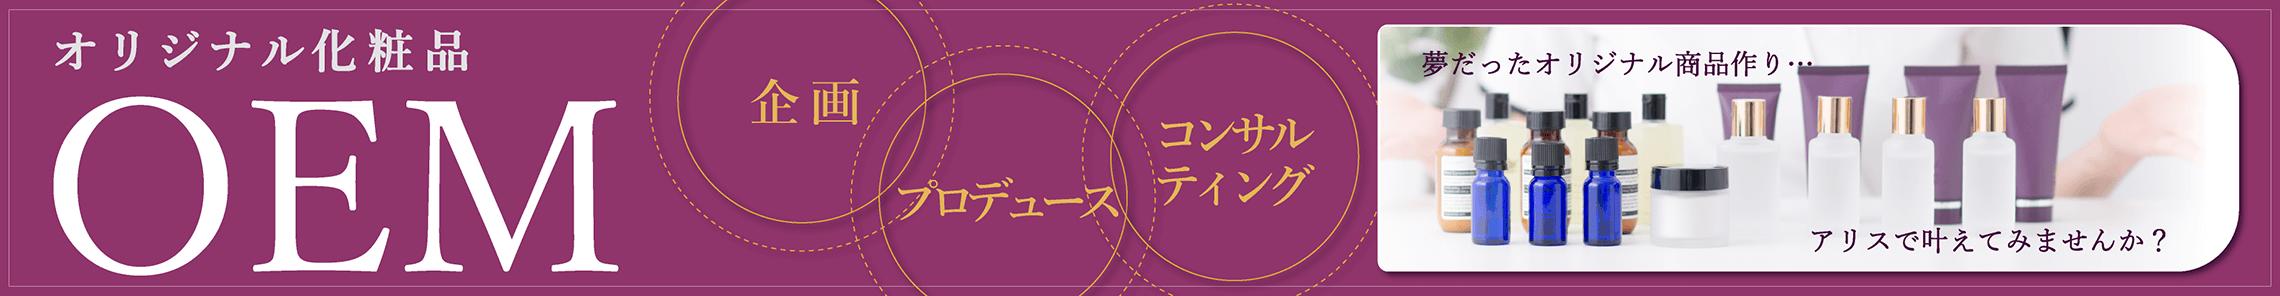 エステサロンオリジナル化粧品 OEM 企画 プロデュース コンサルティング